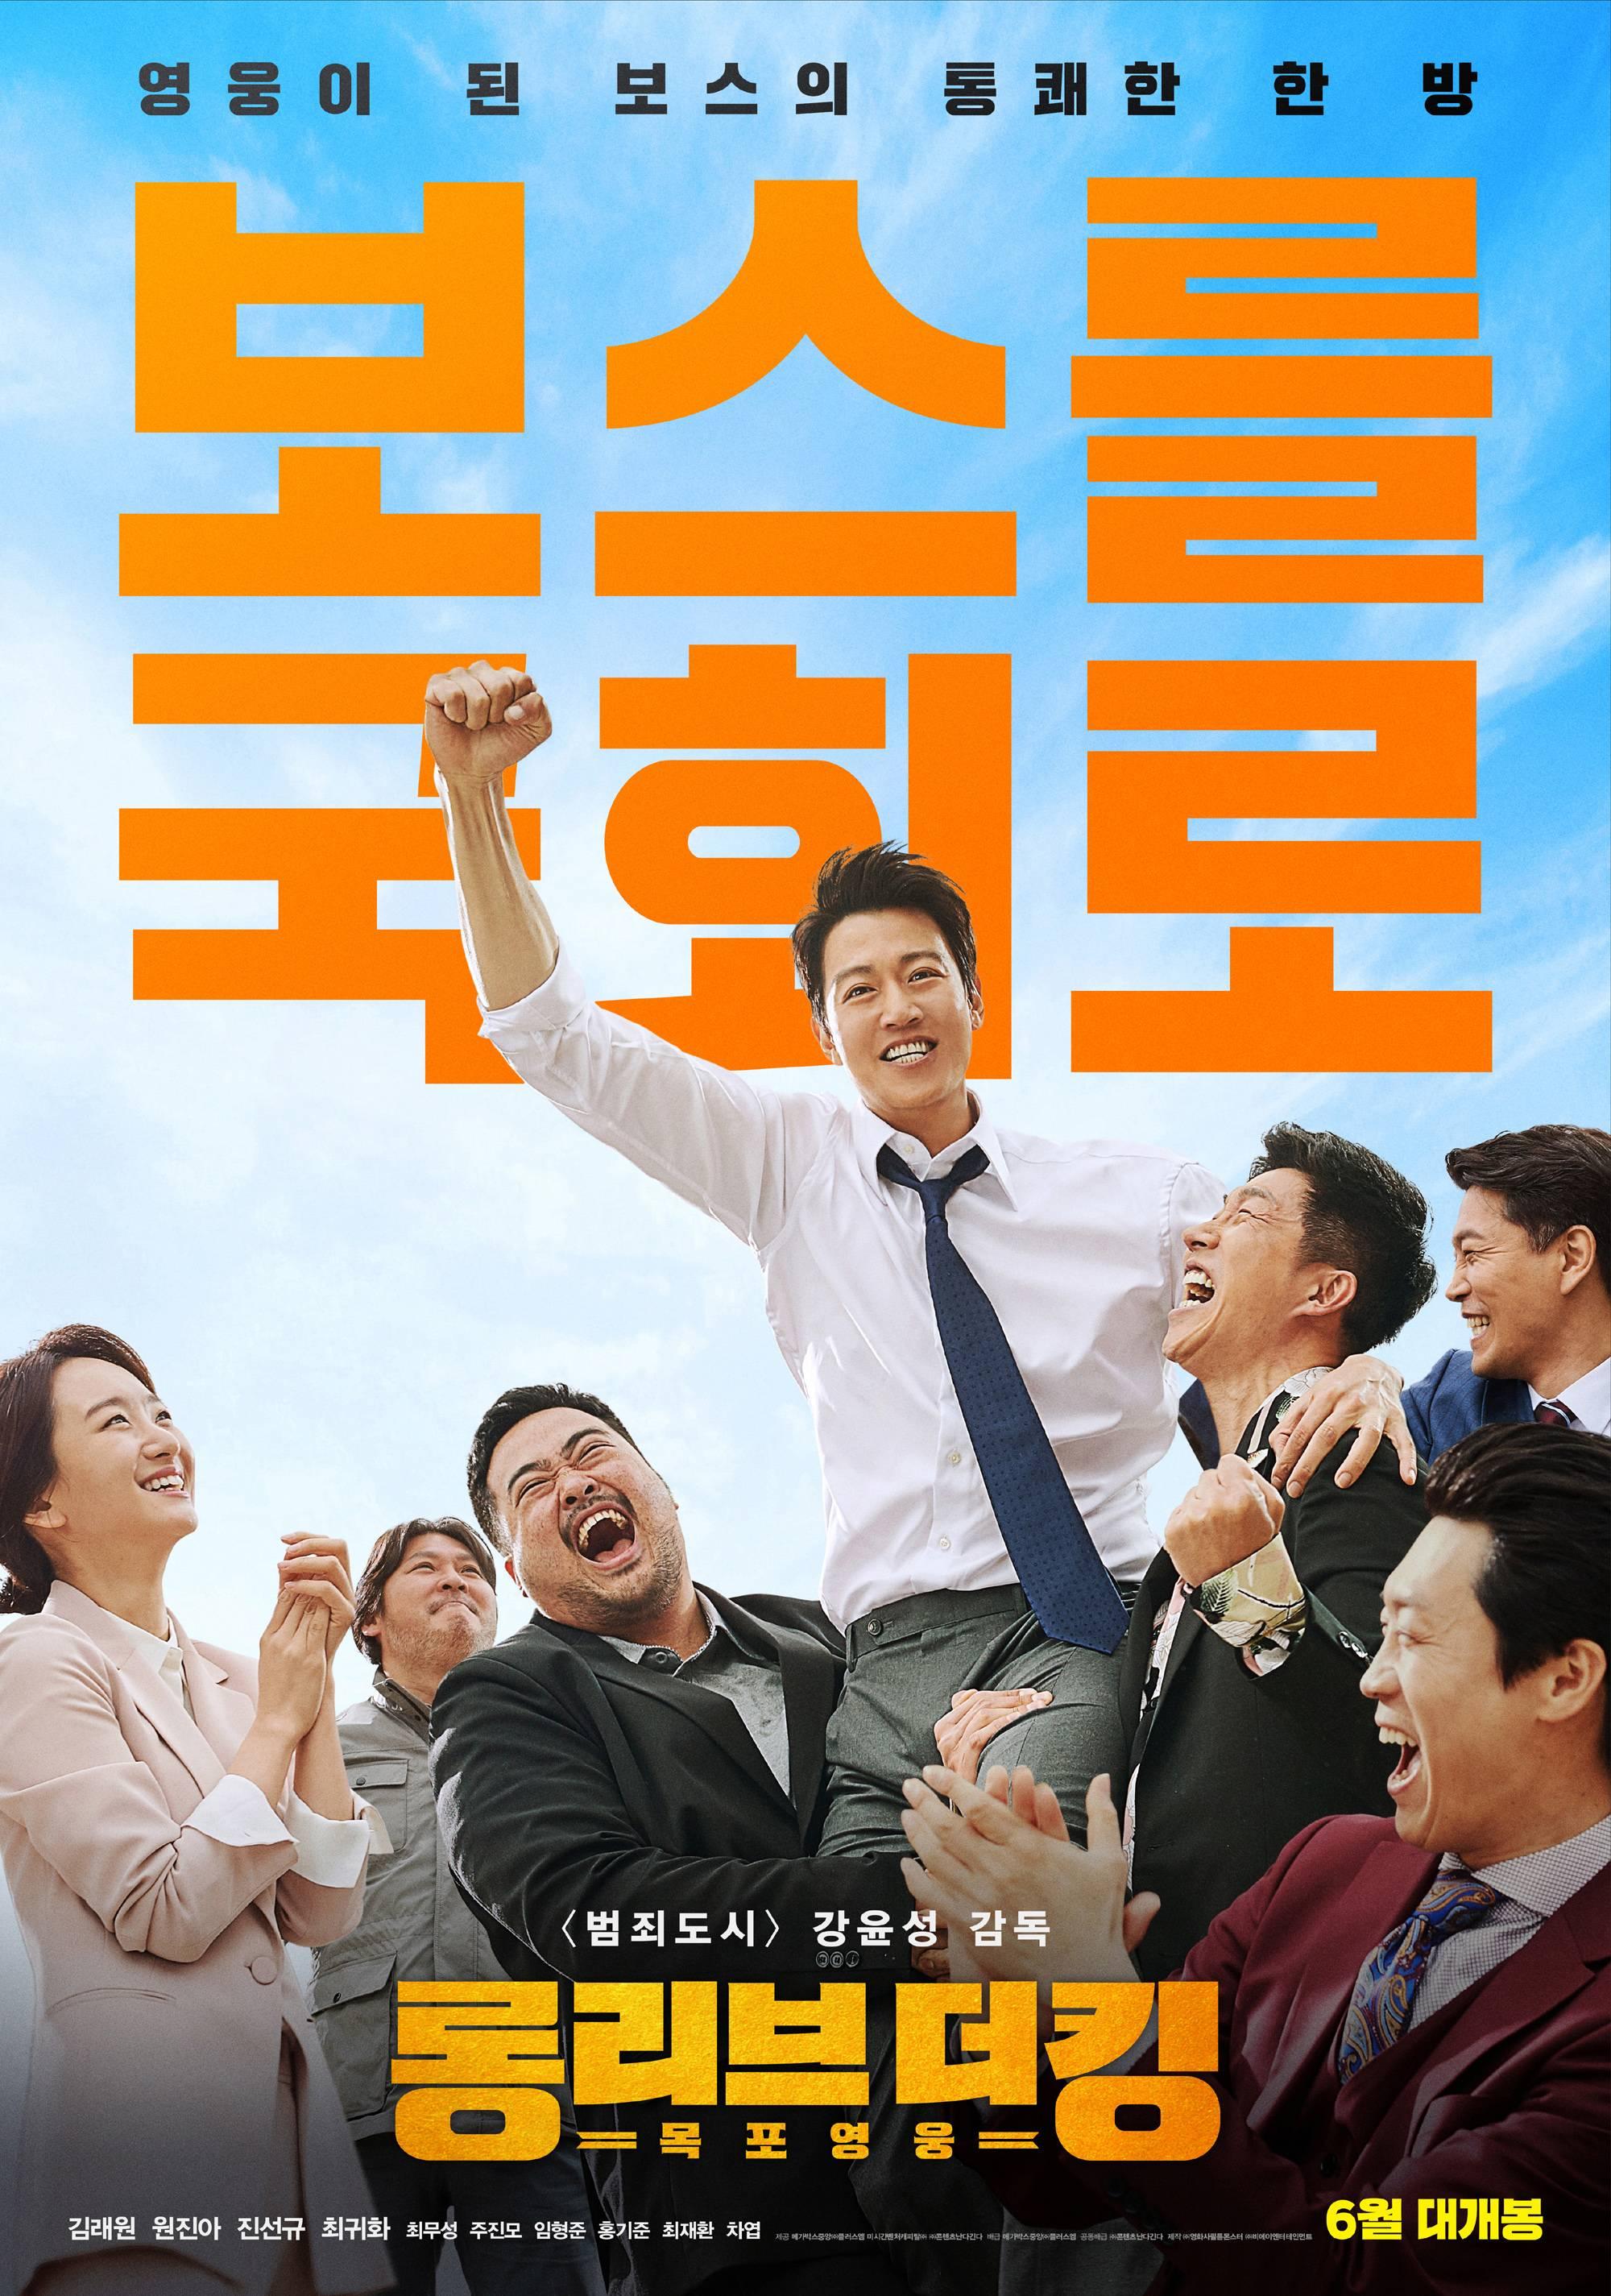 영화 '롱 리브 더 킹: 목포 영웅' 시사회에 회원 여러분을 초대합니다 | 인스티즈